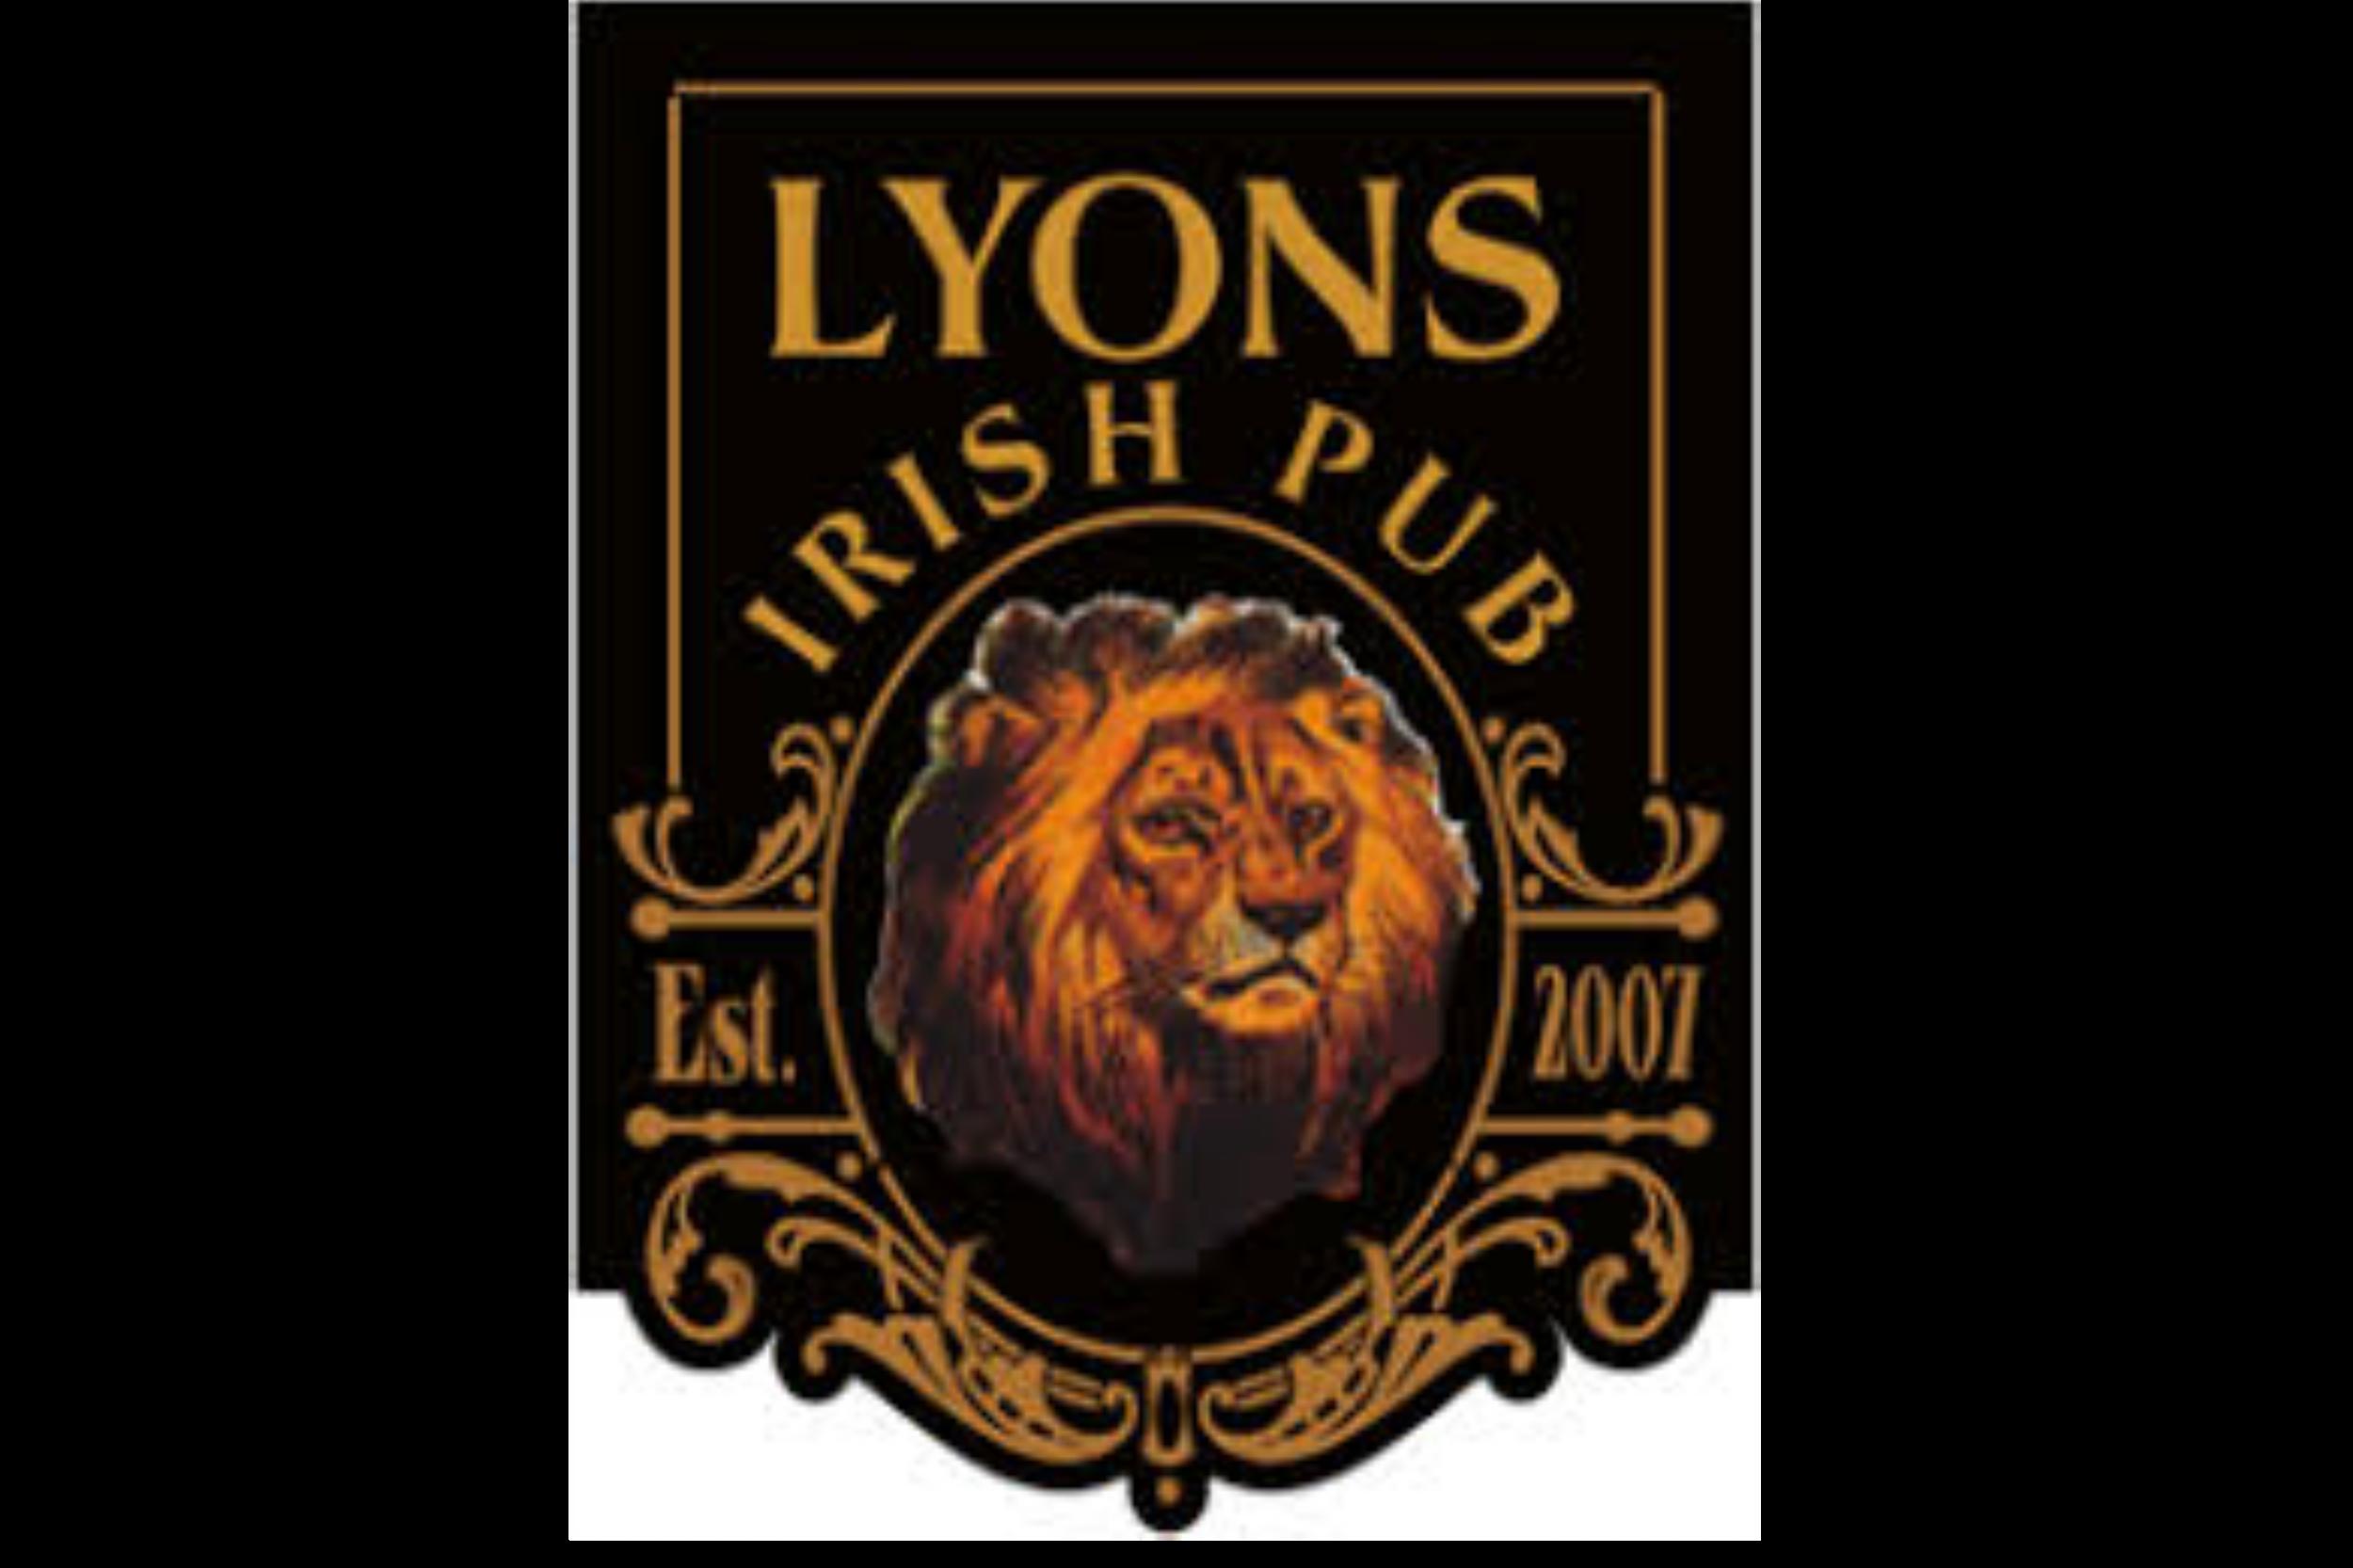 Lyon's Irish Pub